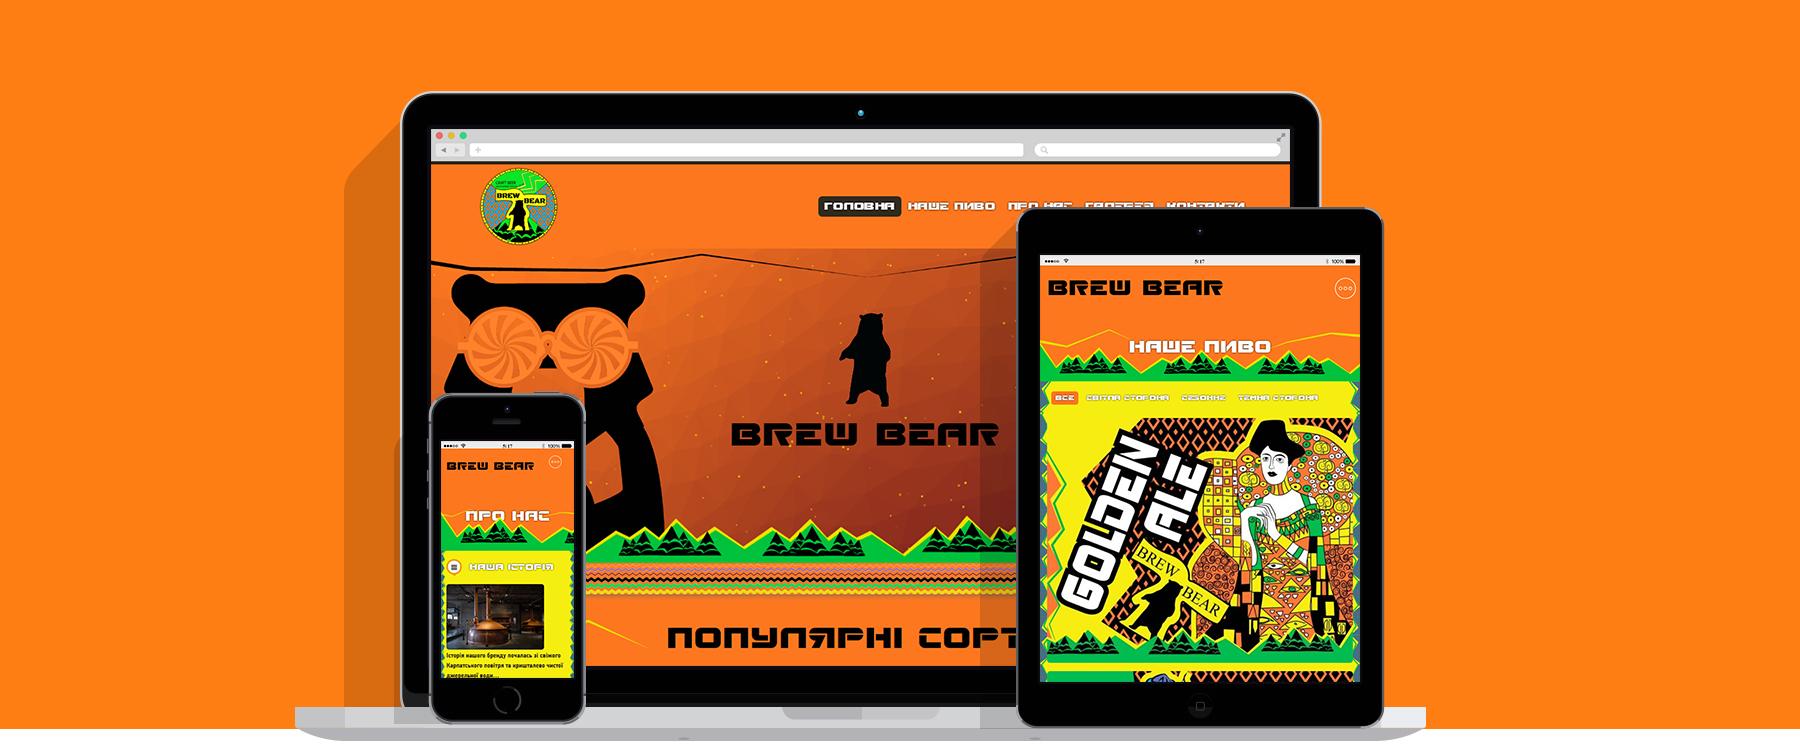 Створення корпоративного сайту Brew Bear